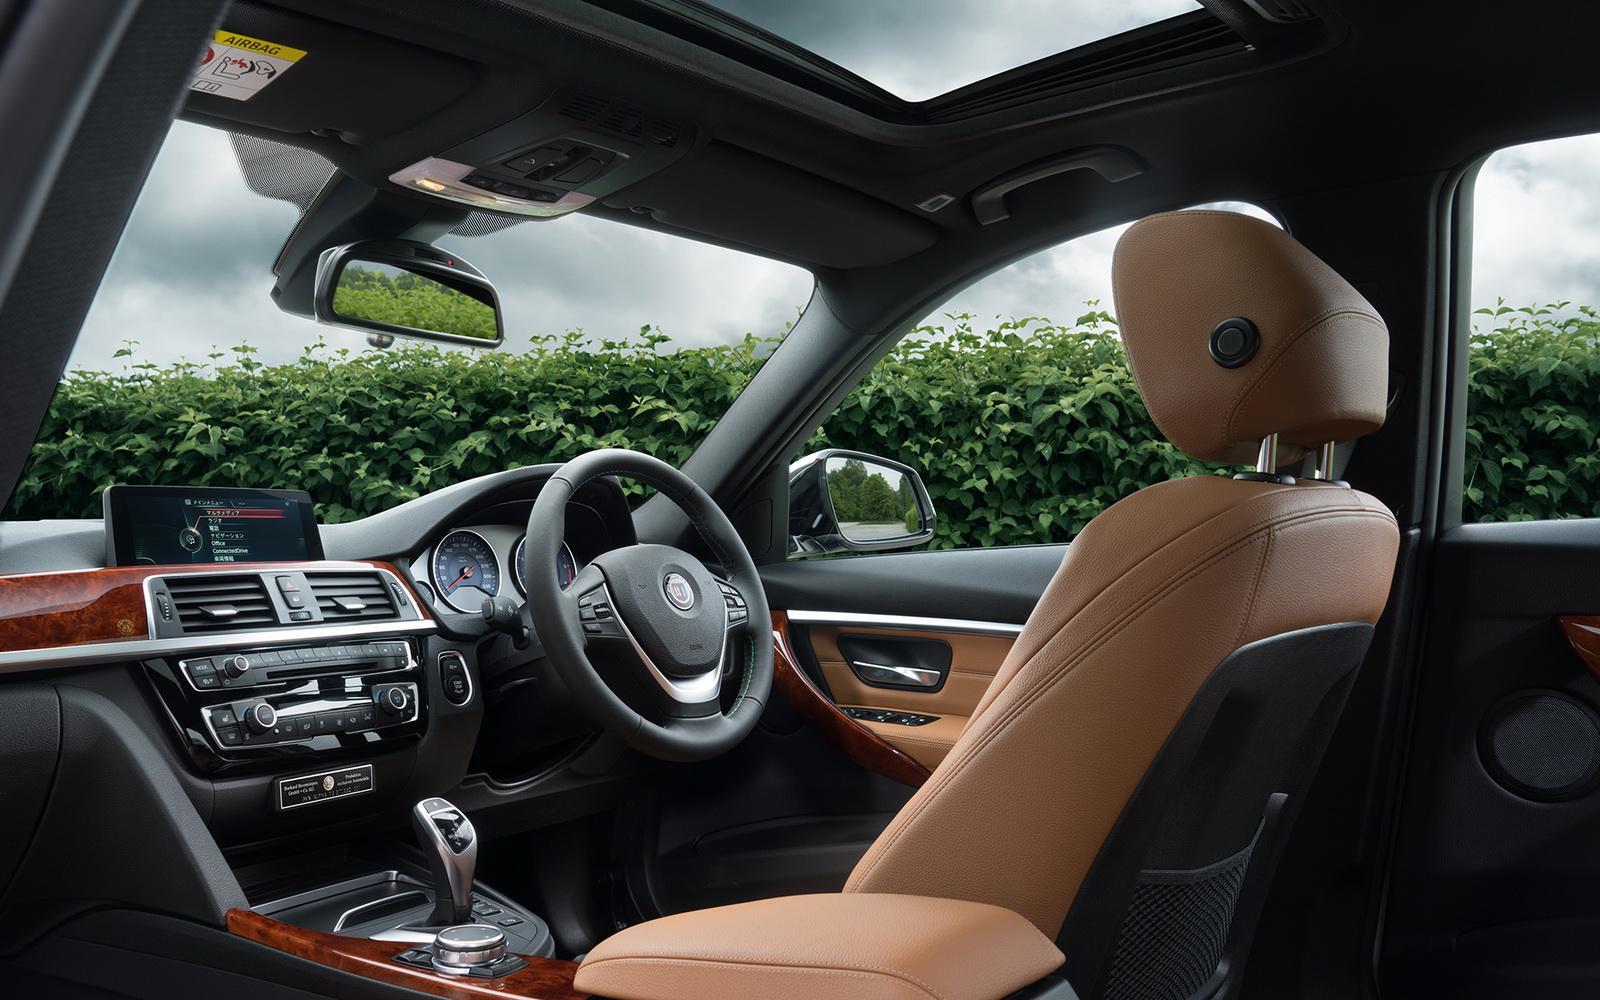 Alpina D3 Bi-Turbo: Pequeños cambios estéticos y 350 CV bajo el capó 3